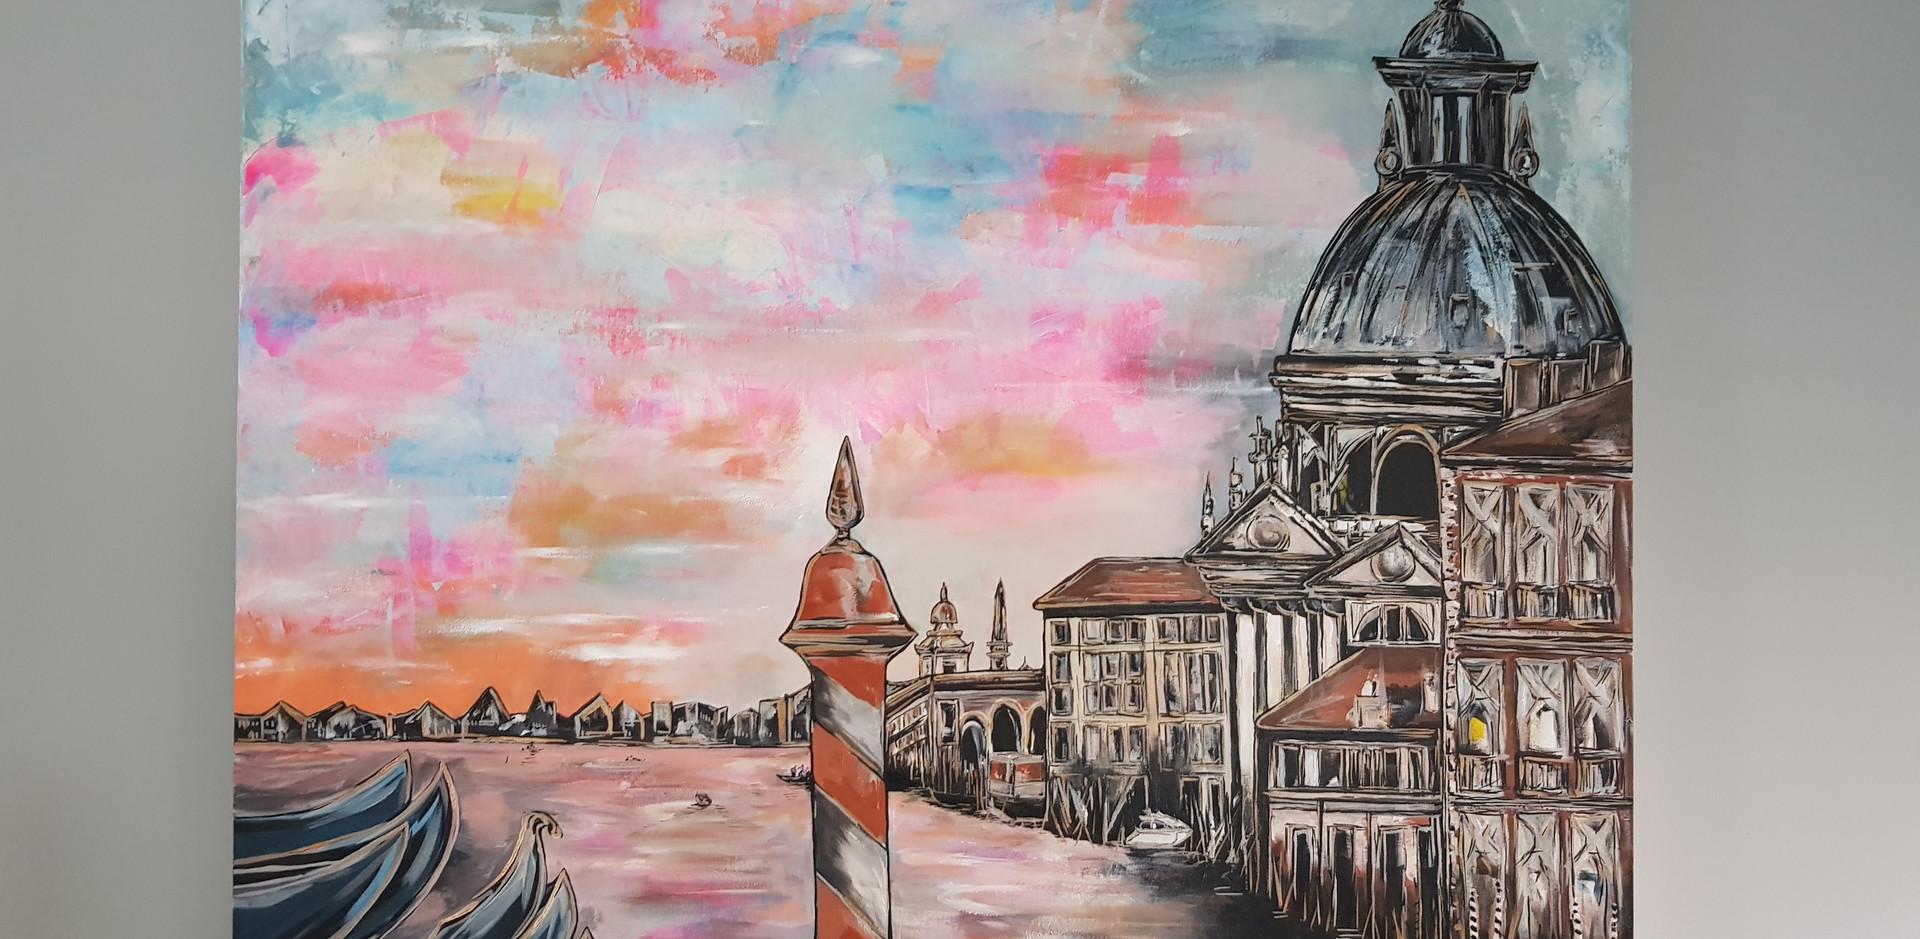 Venice Landscape - Commission